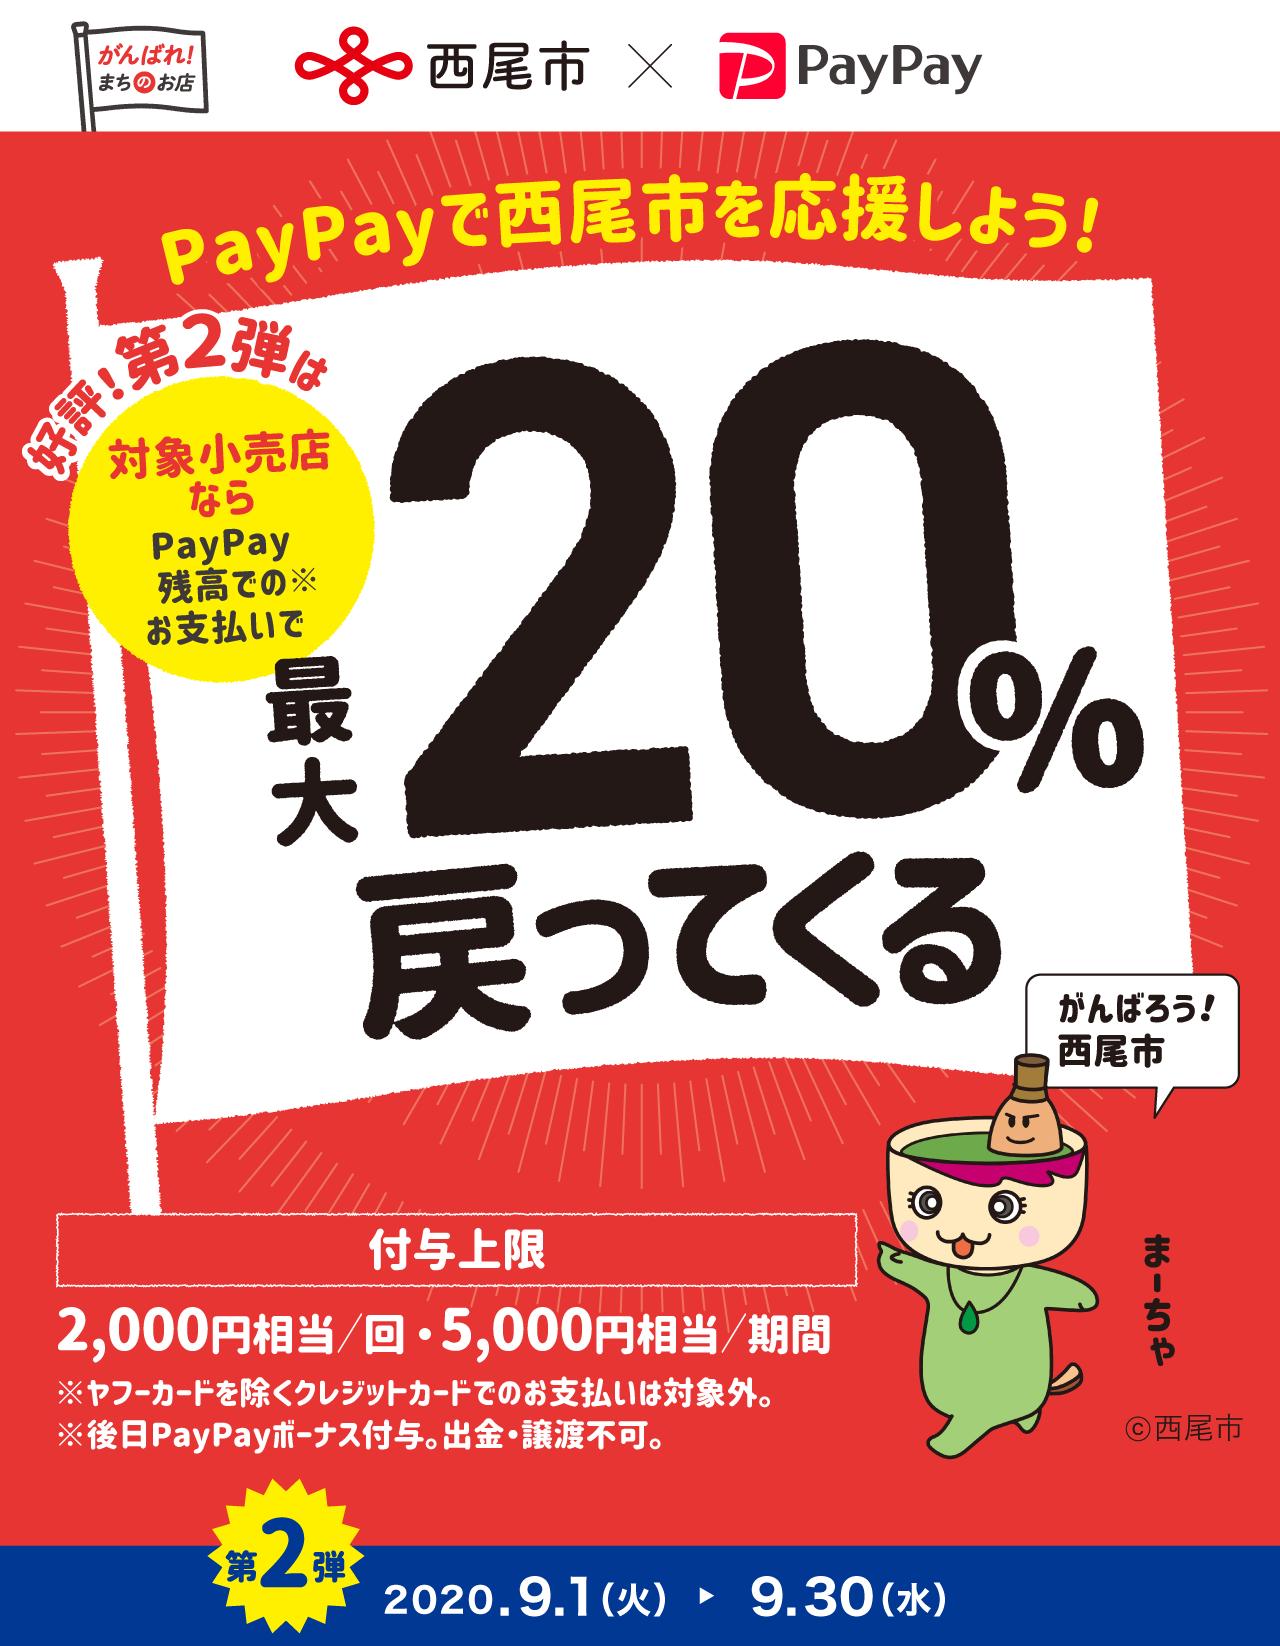 PayPayで西尾市を応援しよう! 好評!第2弾は 対象小売店ならPayPay残高でのお支払いで最大20%戻ってくる